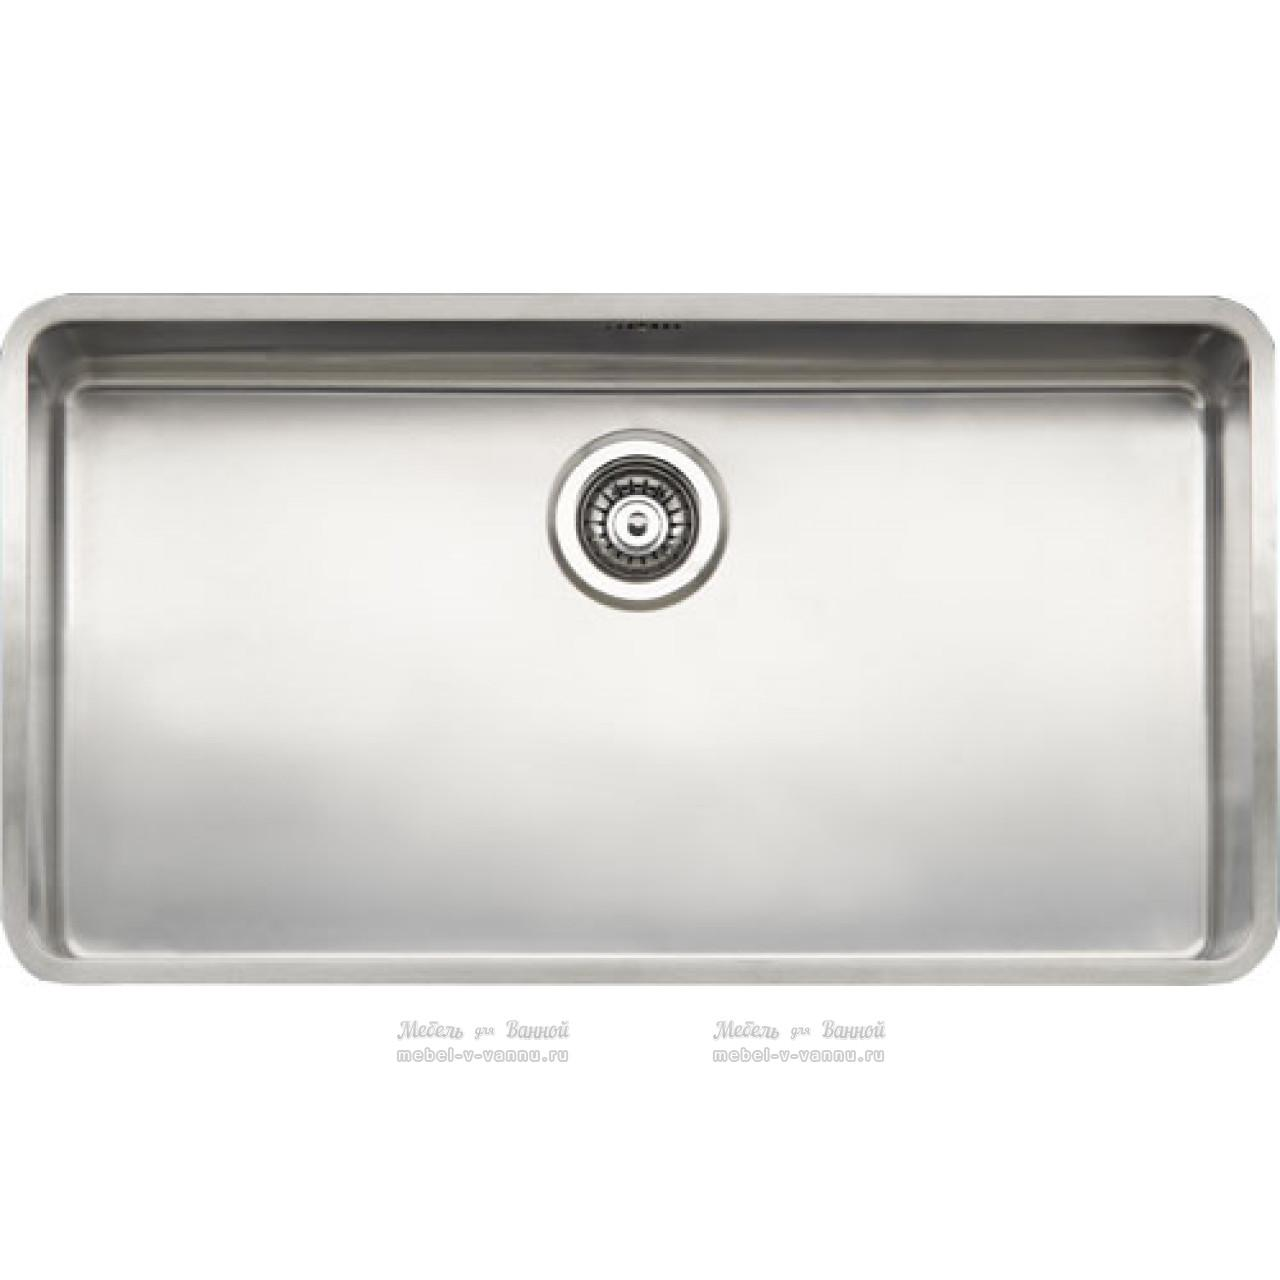 Кухонная мойка Reginox Ohio 840x460 Large OKG купить в Москве по цене от 40630р. в интернет-магазине mebel-v-vannu.ru